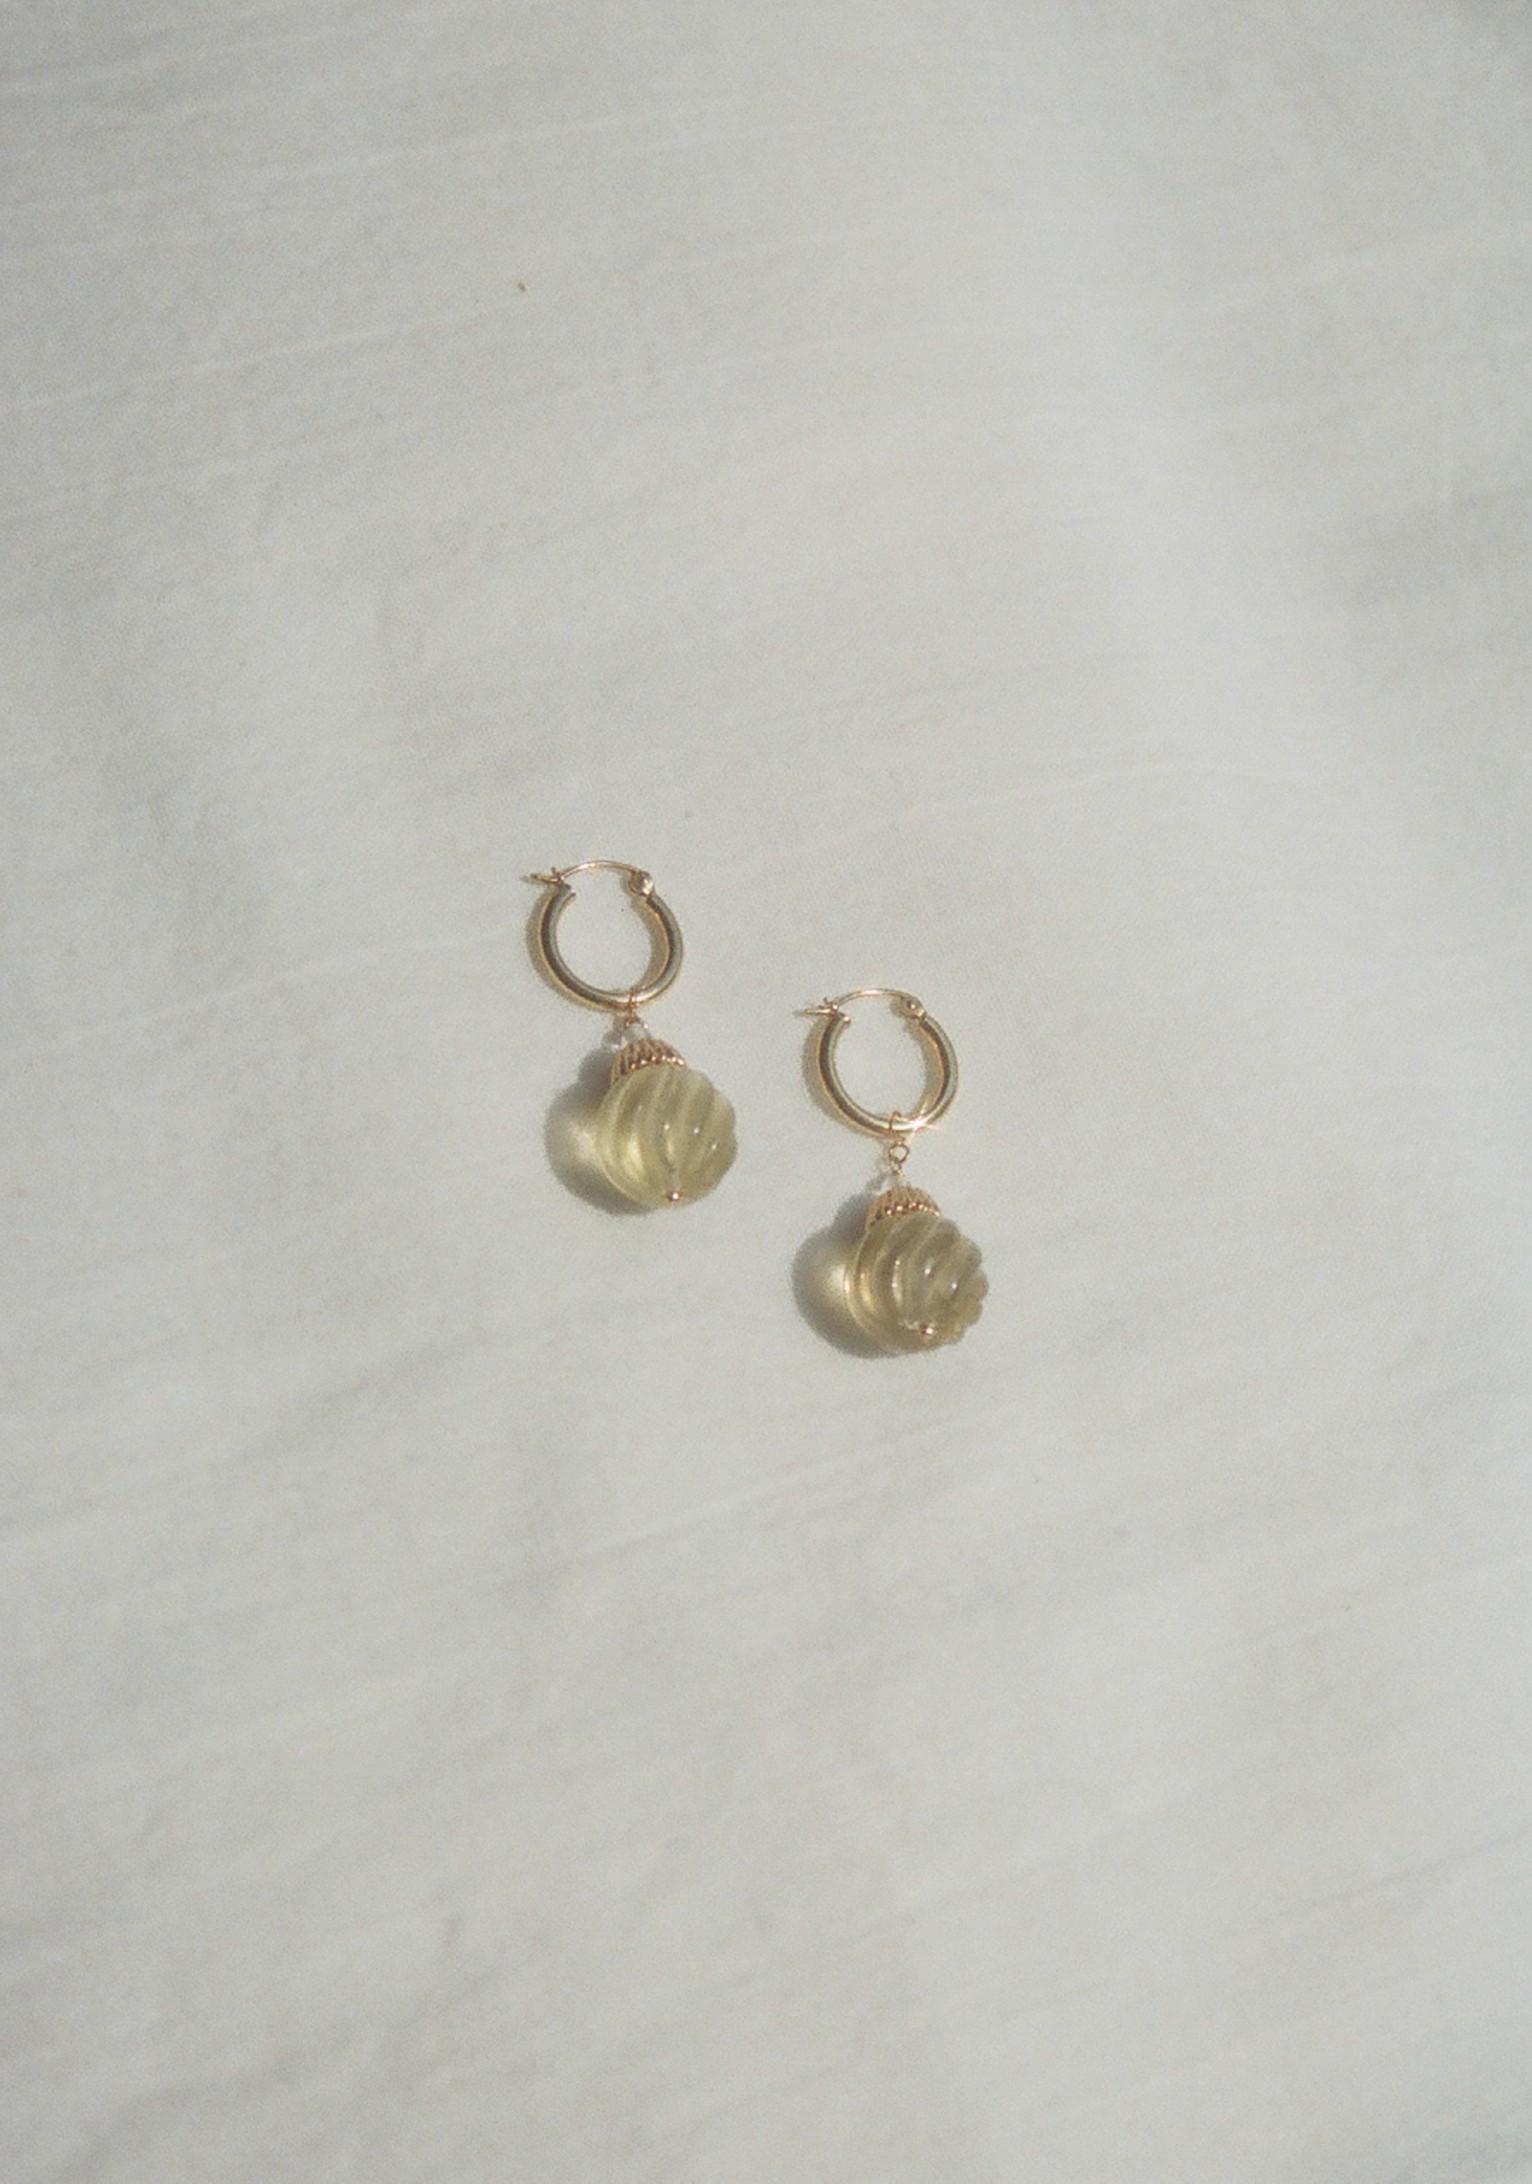 lemon glass hoops 1.jpg